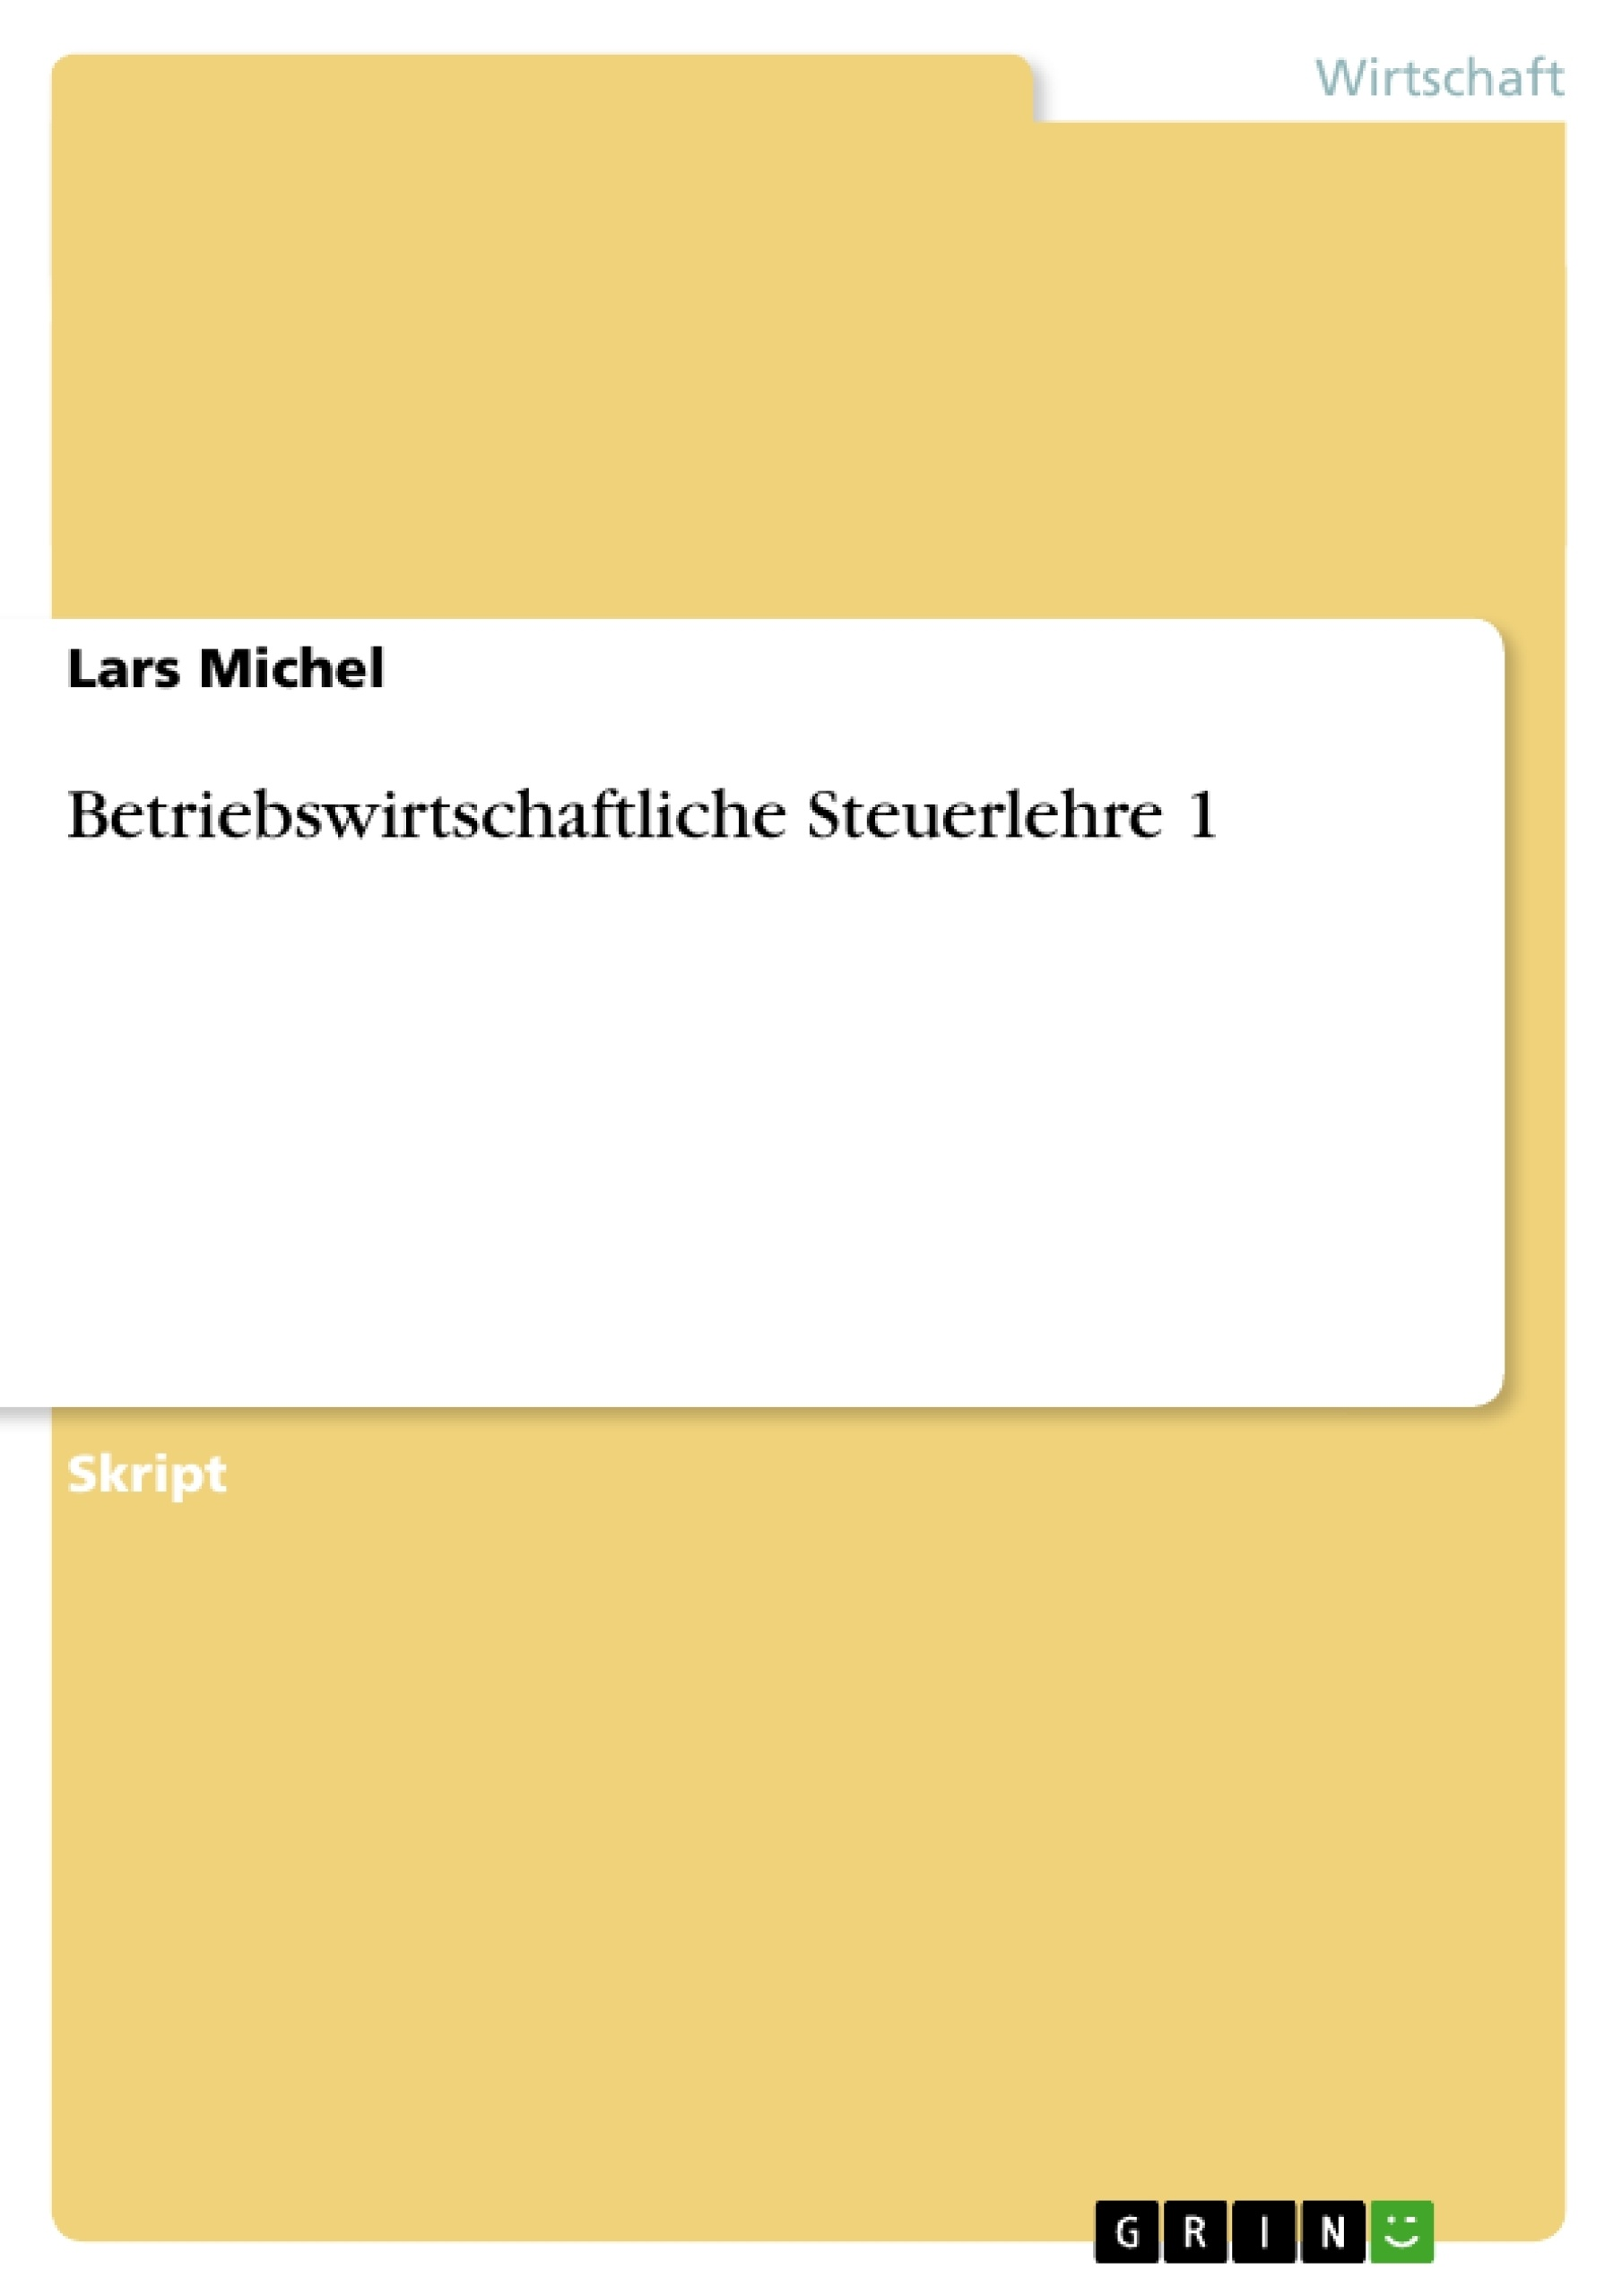 Titel: Betriebswirtschaftliche Steuerlehre 1